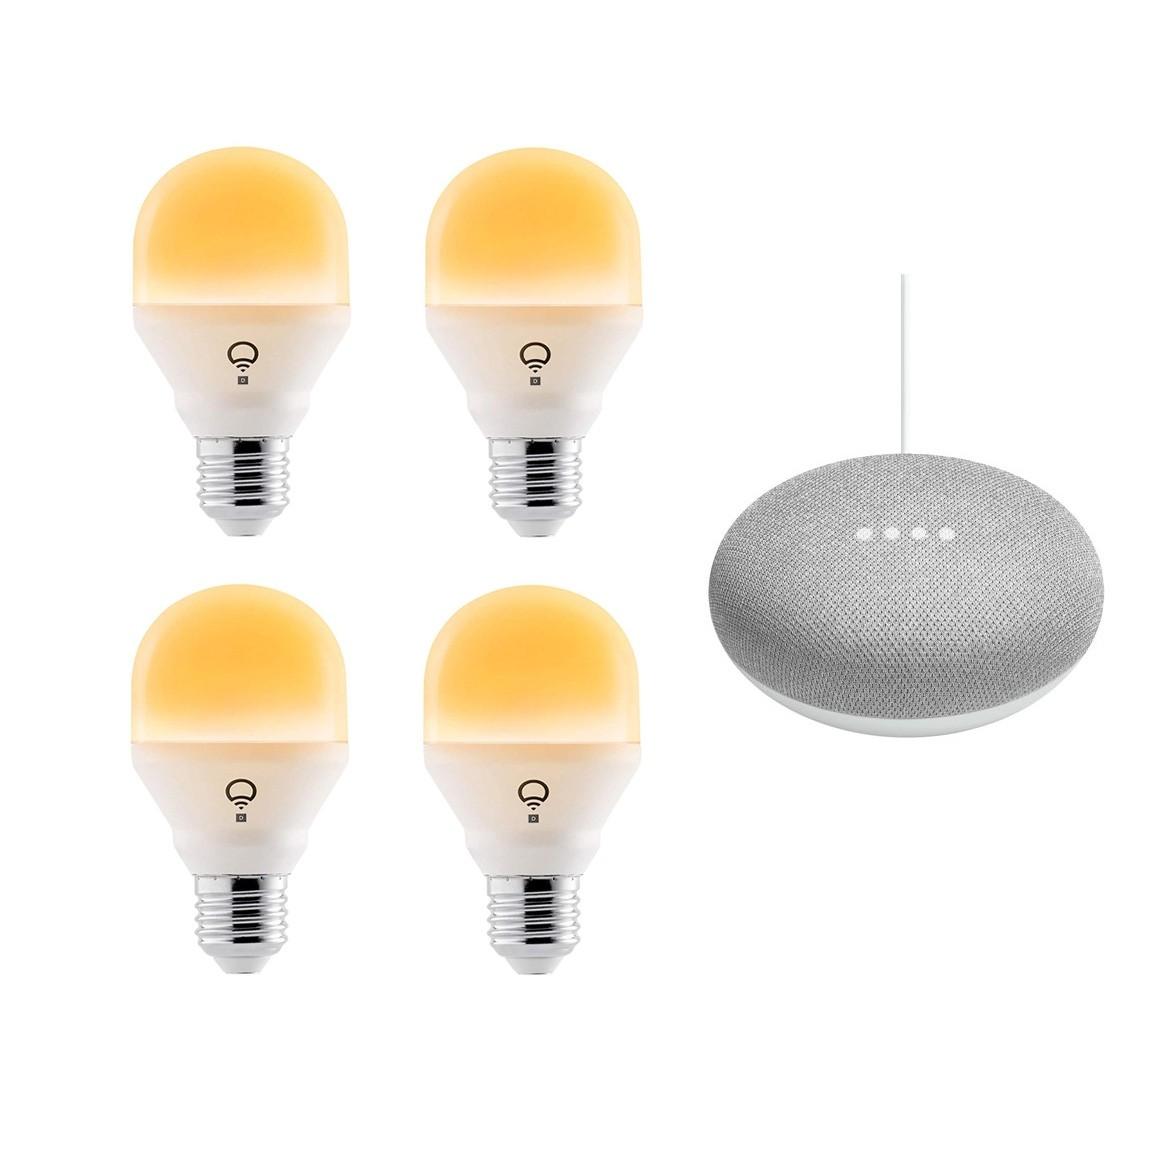 Google Nest, LIFX LIFX Mini Day & Dusk WLAN Glühbirne - 4er Set, E27+ Google Home Mini